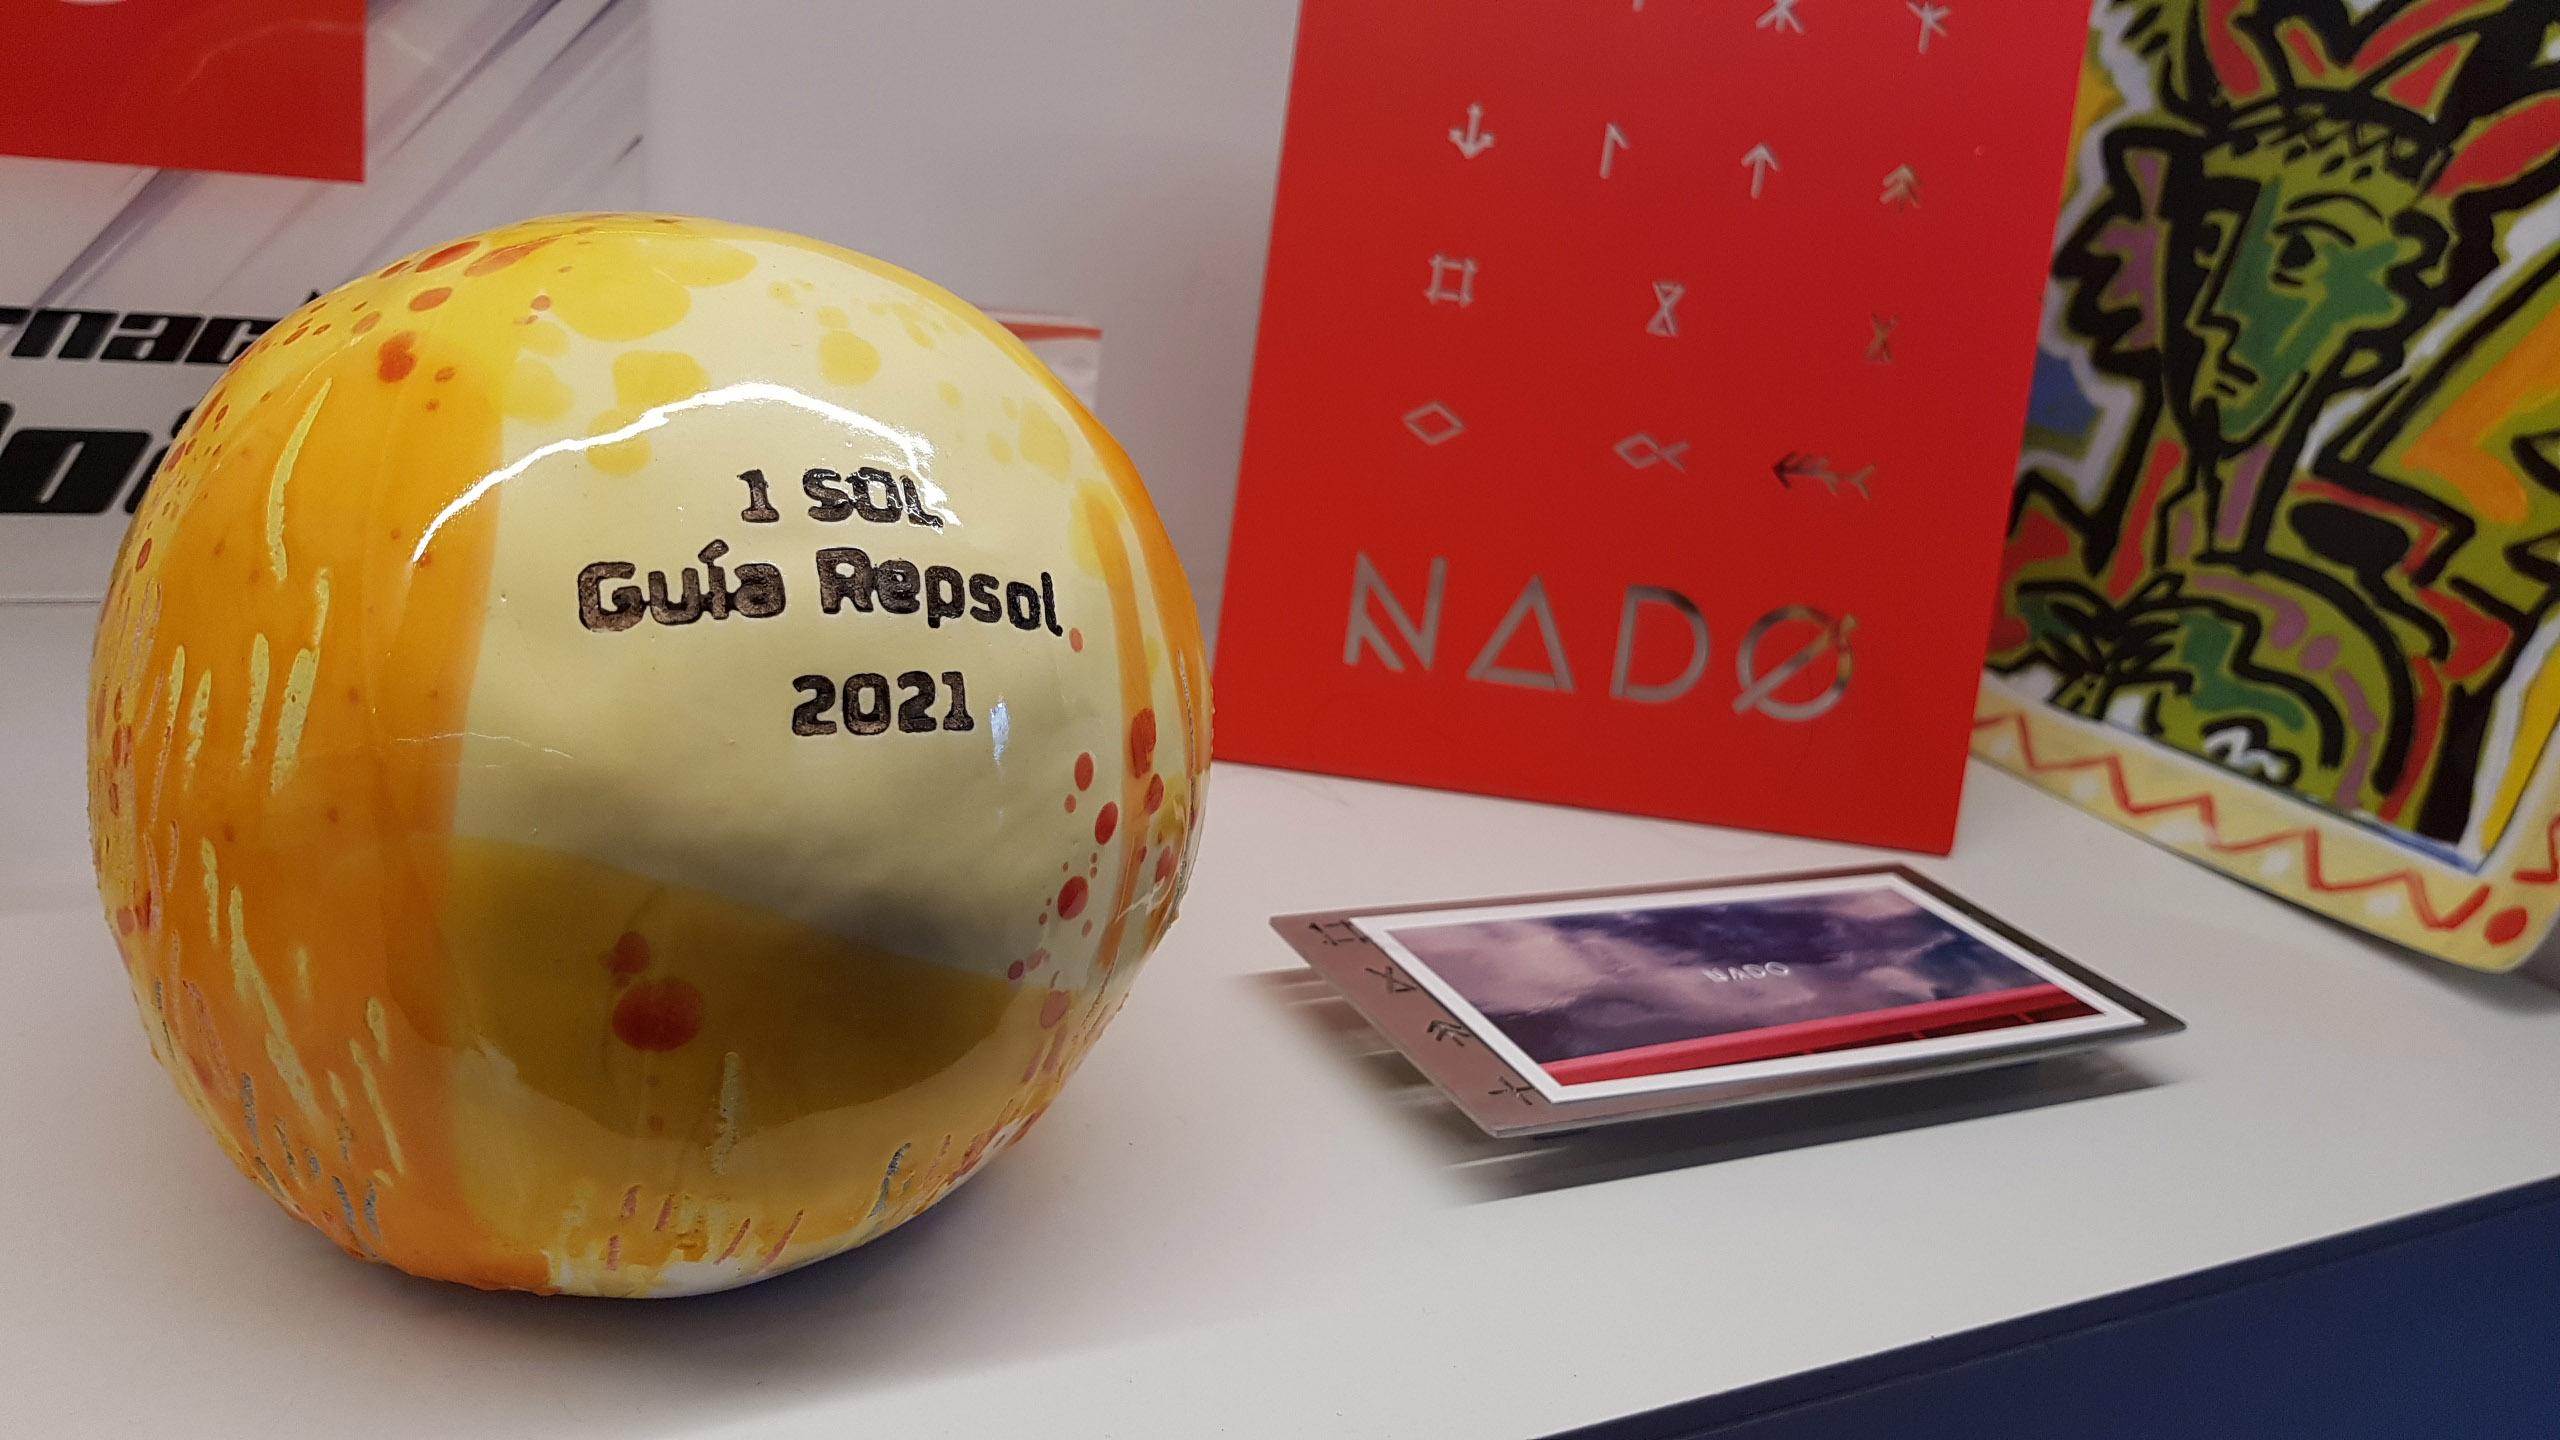 NaDo se reinaugura con 'Viaxe Atlántico', donde Iván Domínguez persevera en su pasión marina con elaboraciones más pulidas… y alguna sorpresa